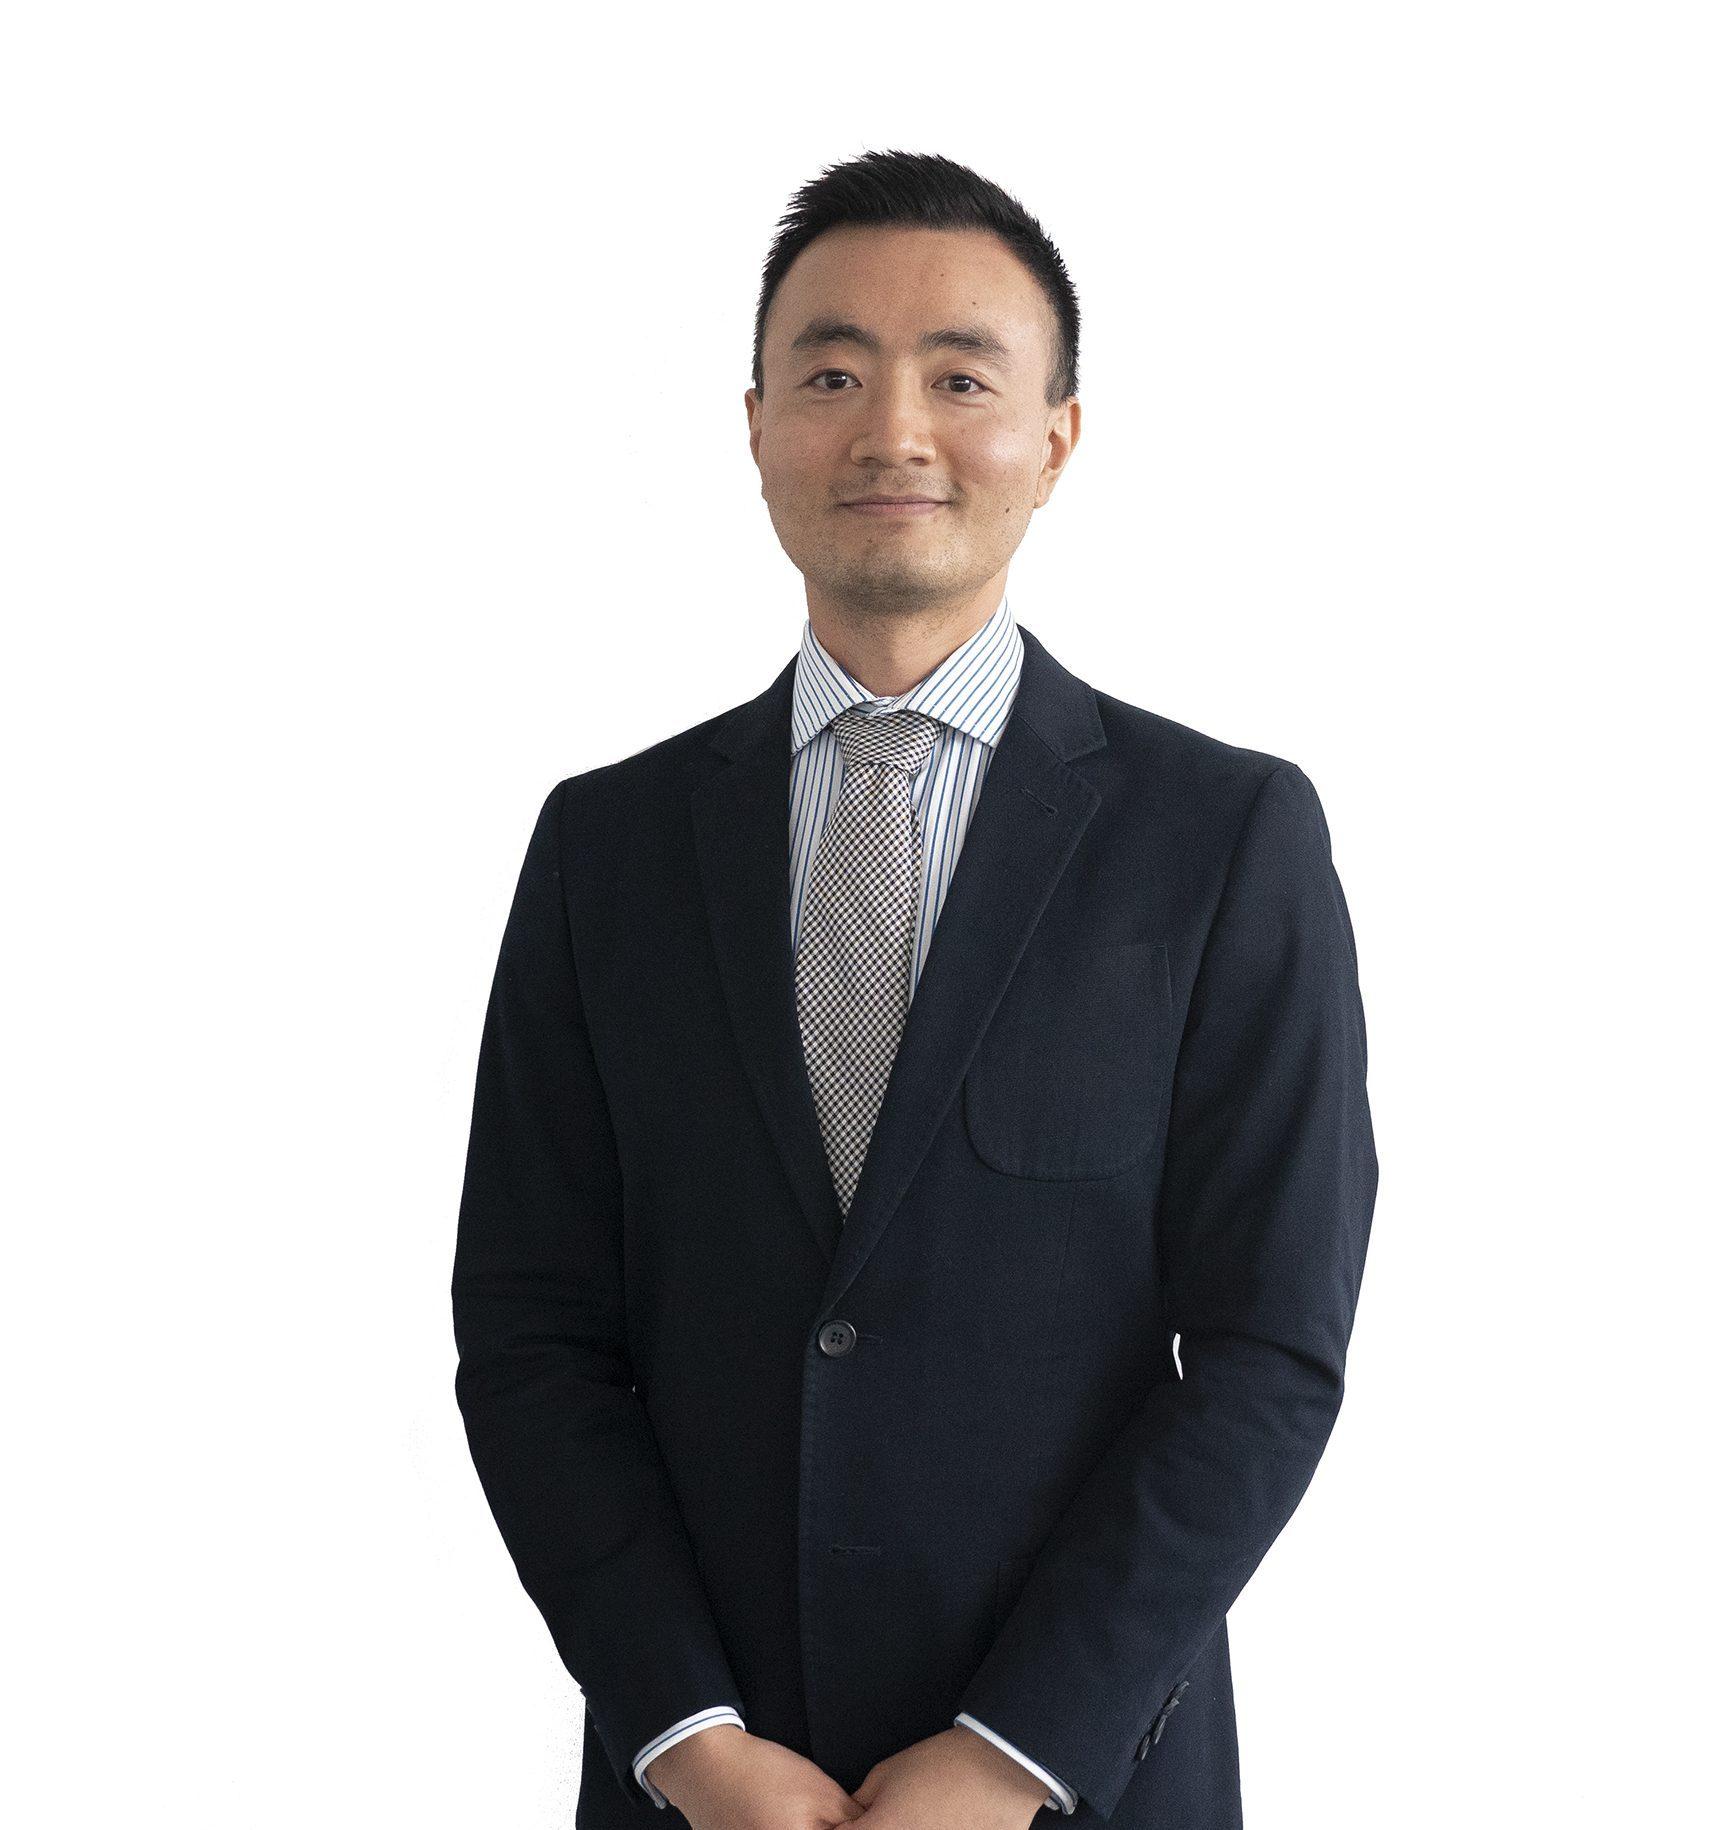 Xiaozhou (Will) Zhou